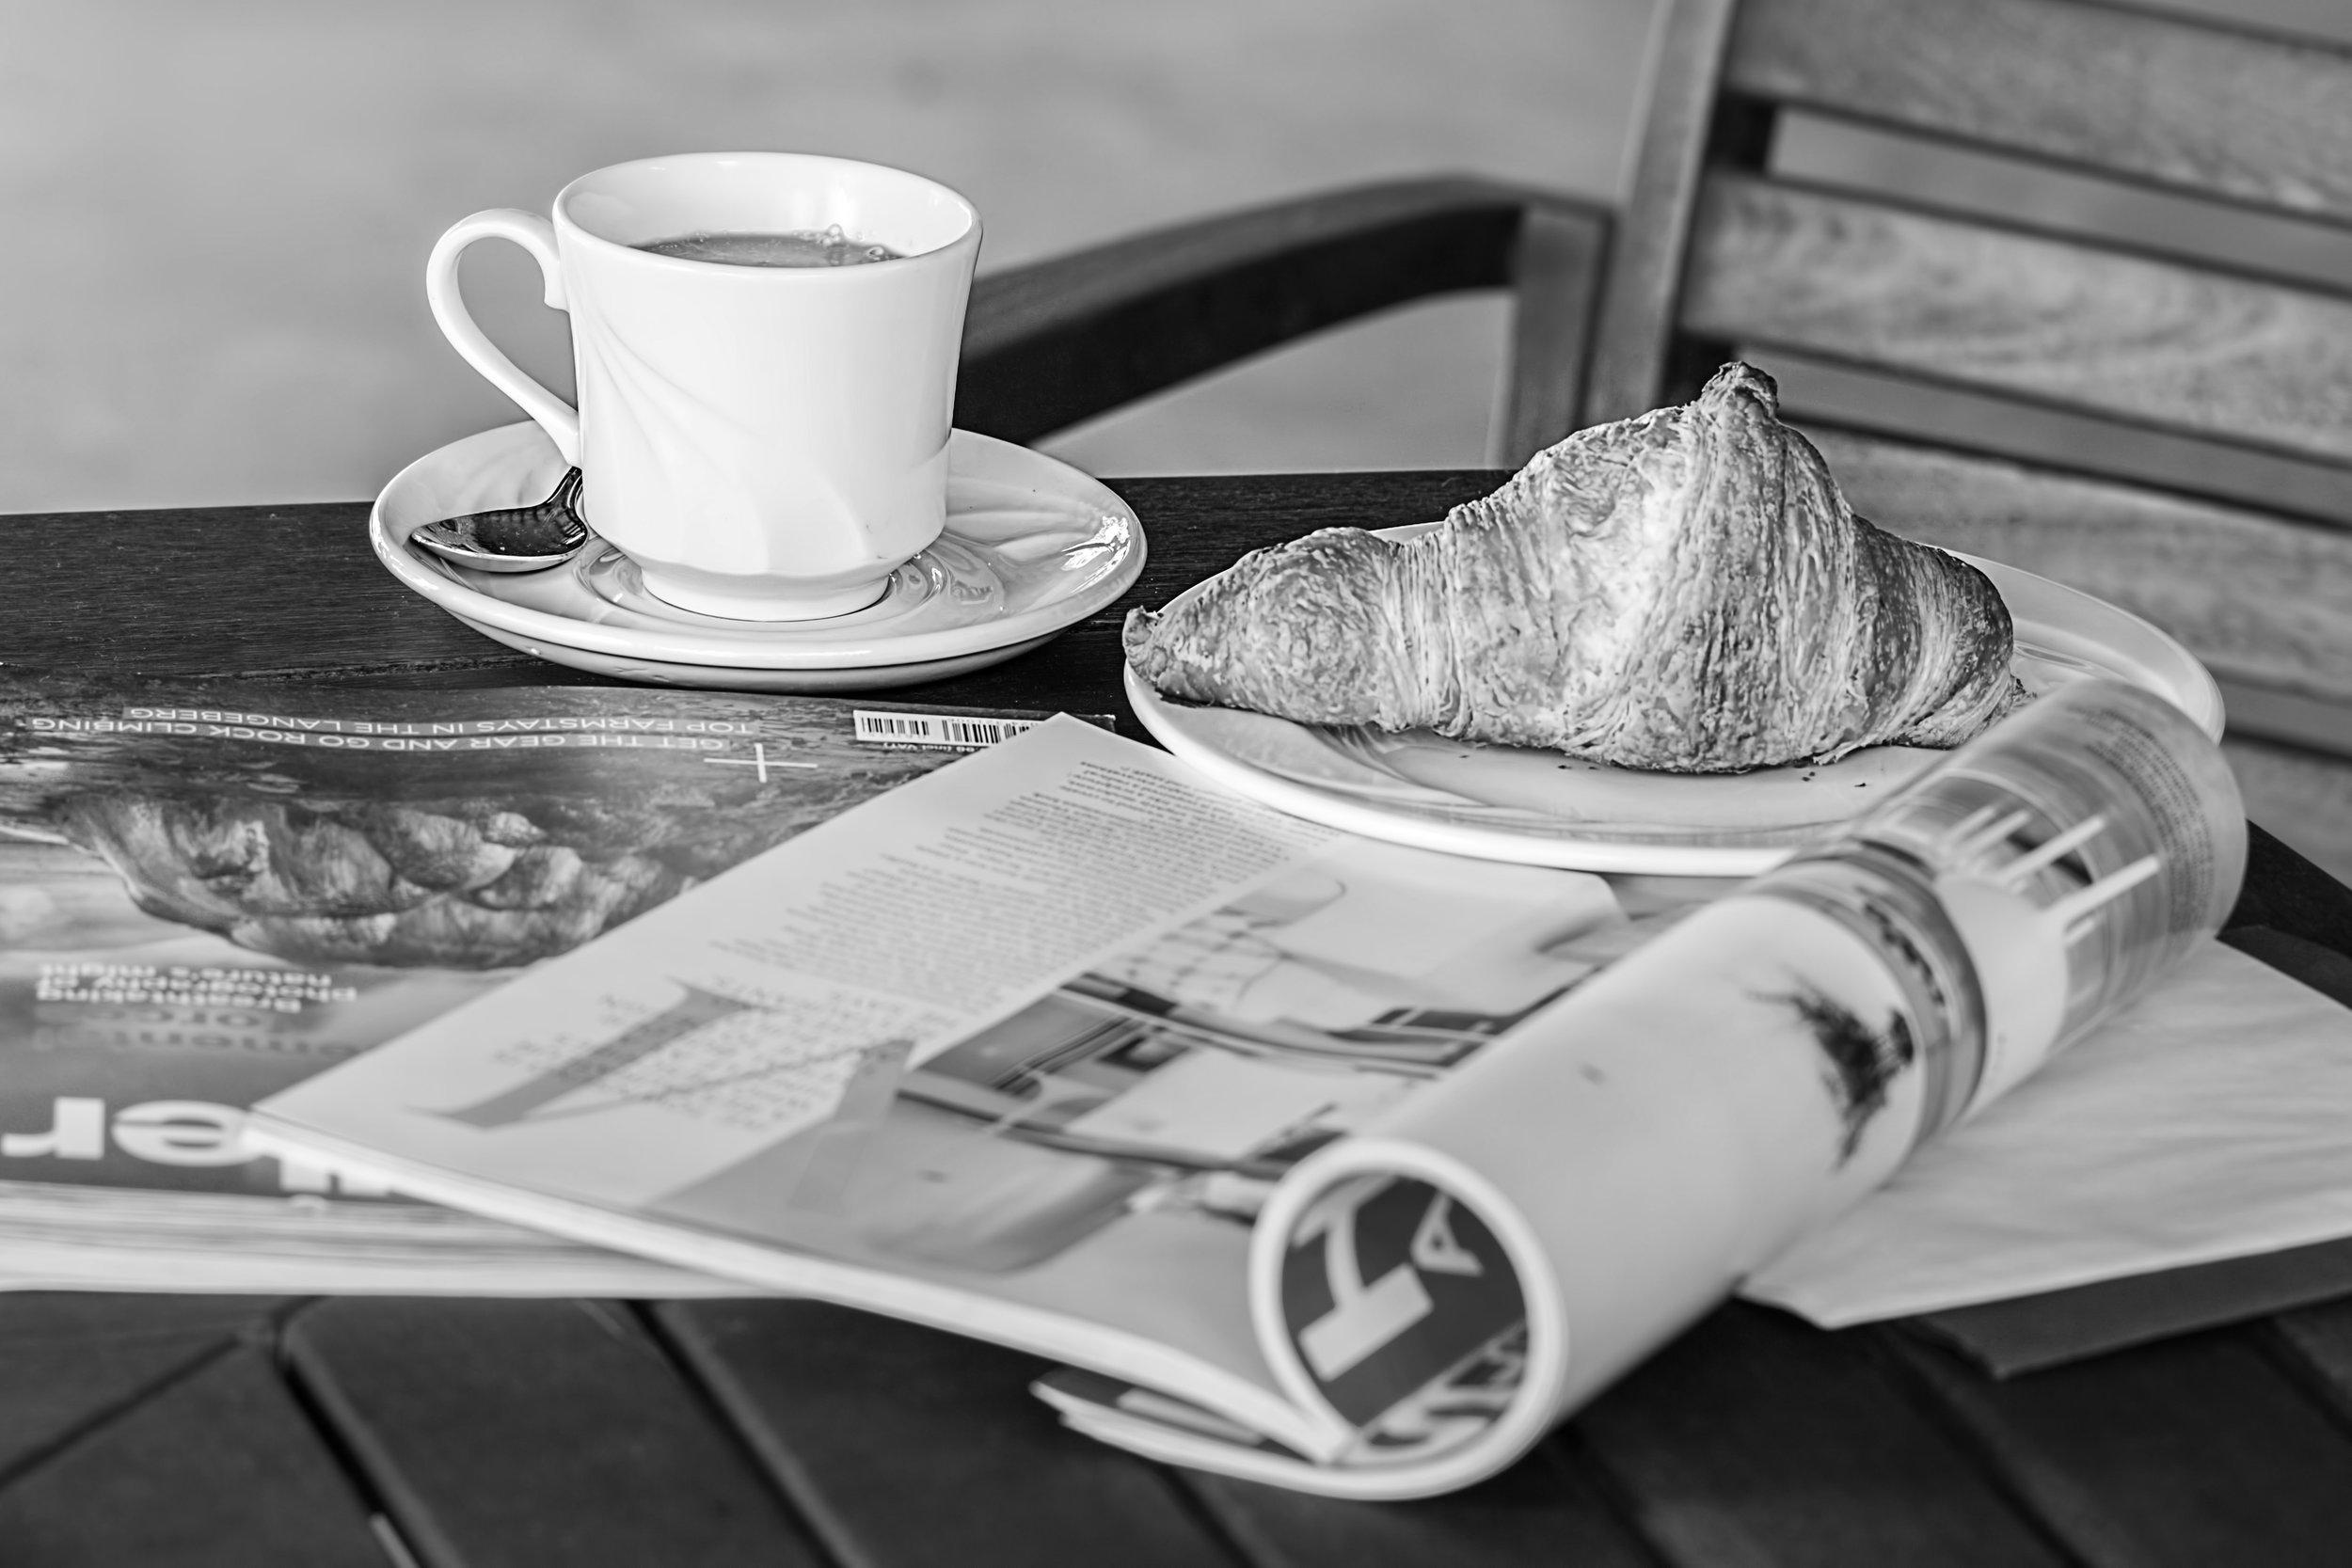 coffee-croissant-magazine